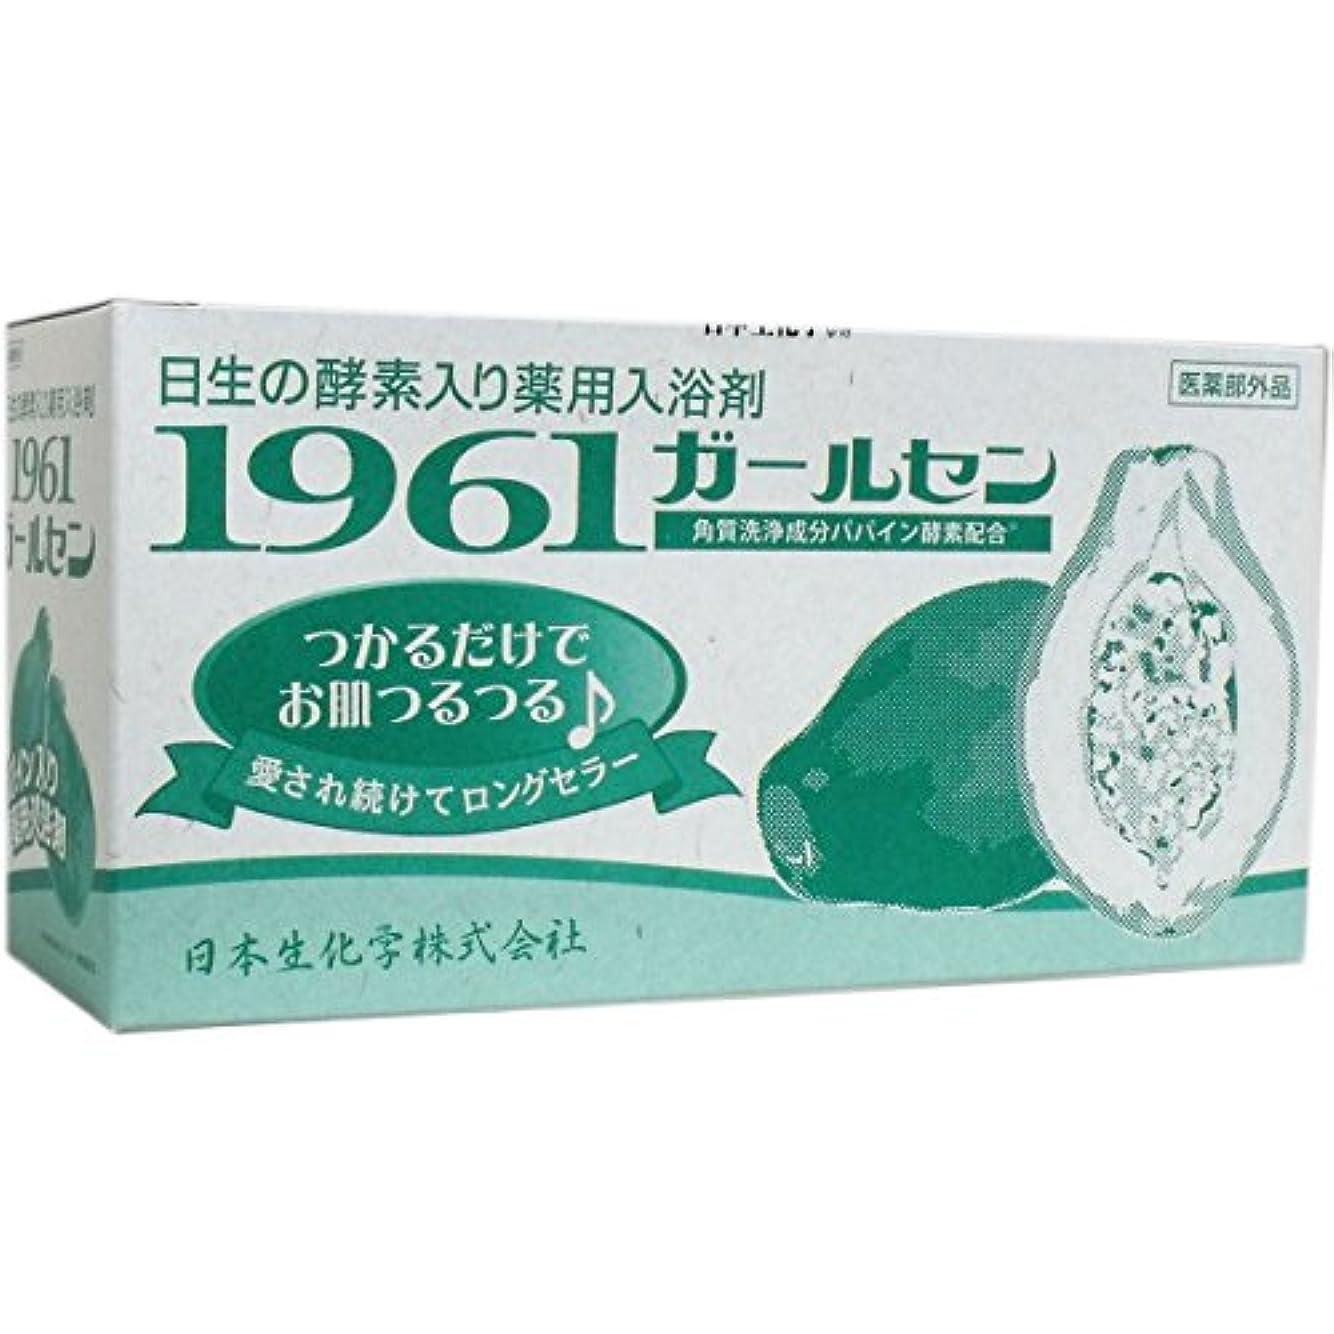 雄弁導出骨髄パパイン酵素配合 薬用入浴剤 1961ガールセン 30包 [並行輸入品]